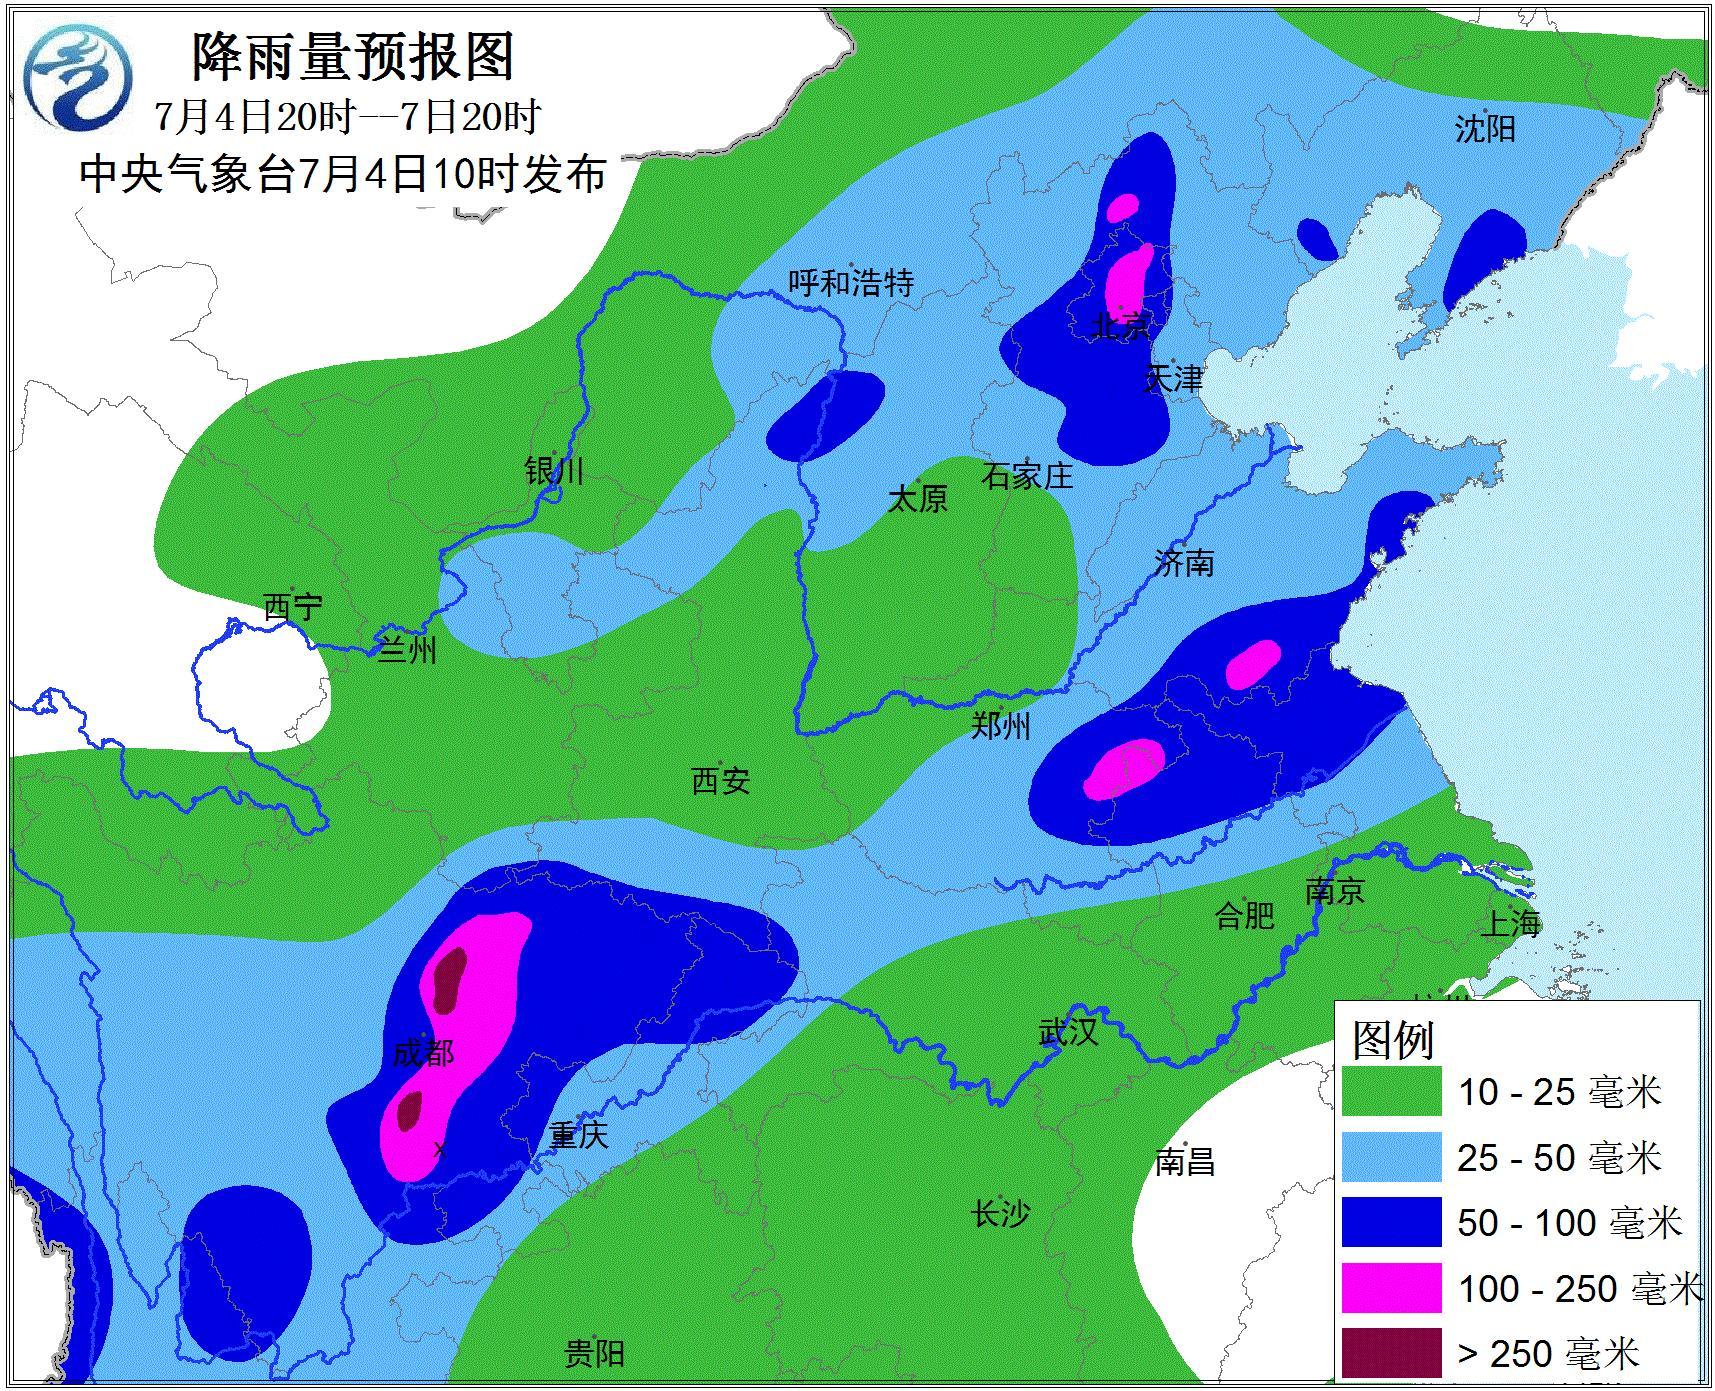 四川盆地及黄淮等地将现强降雨天气 京津冀局地暴雨